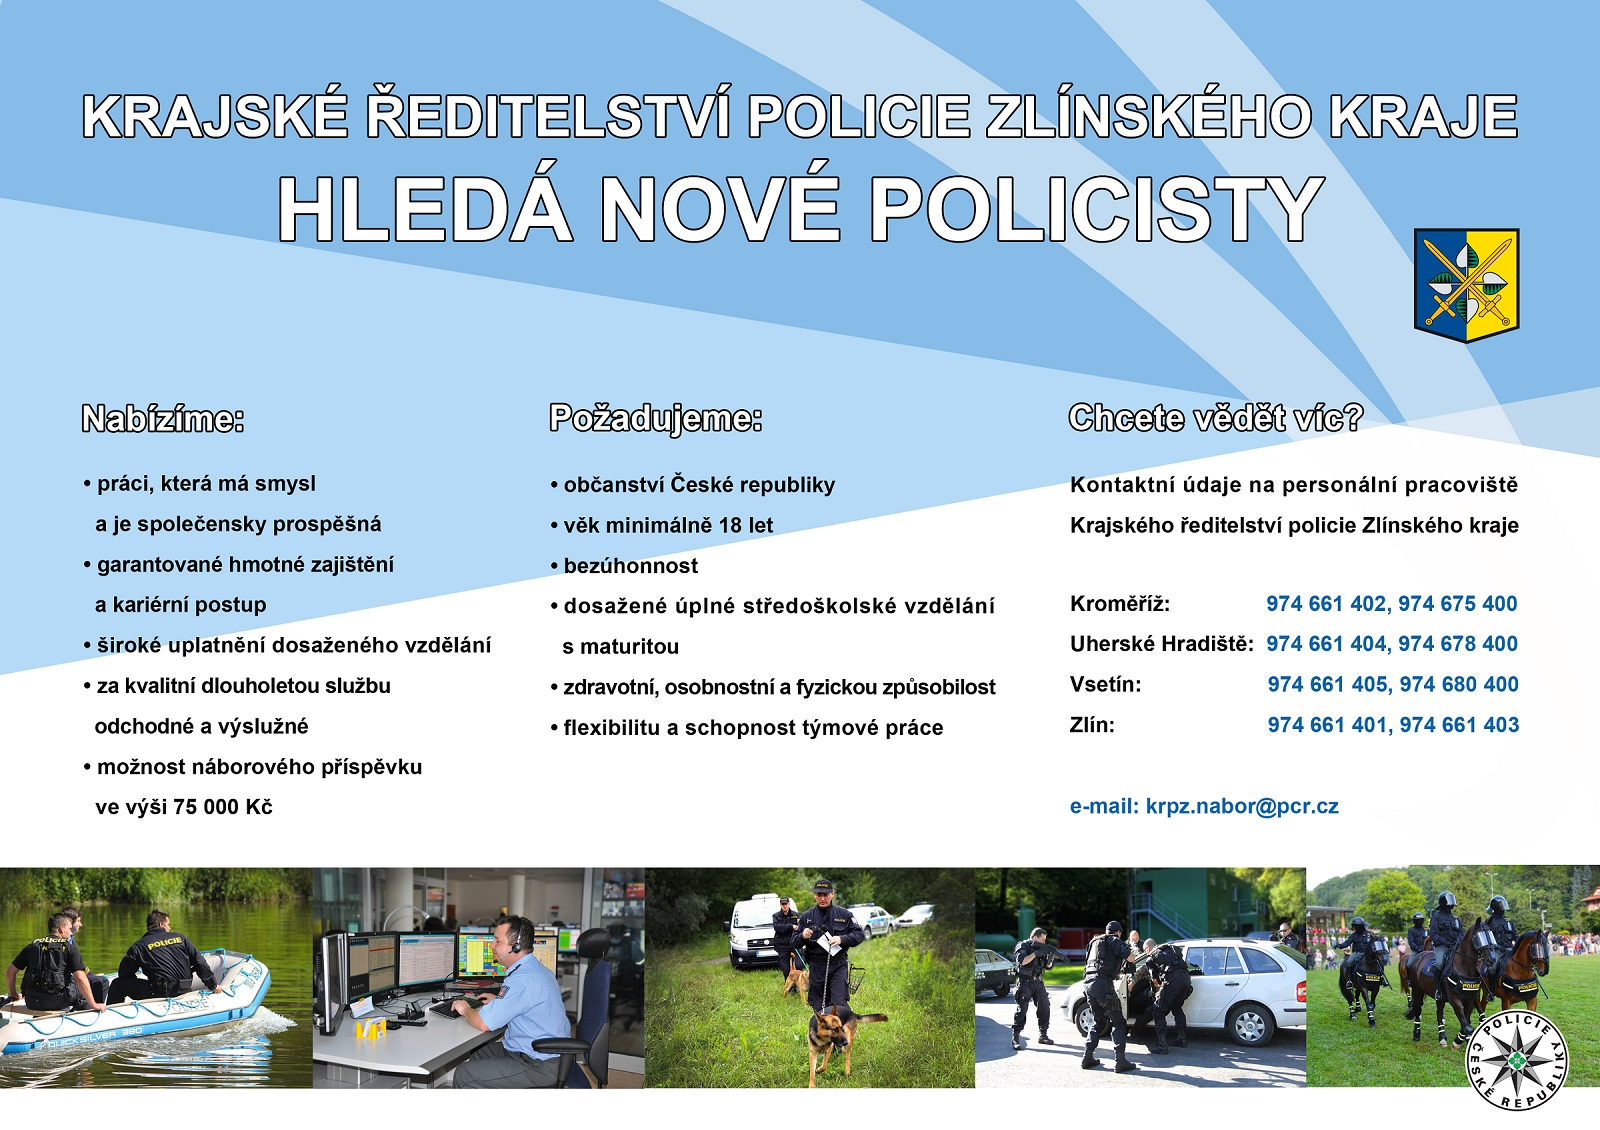 Krajské ředitelství policie Zlínského kraje hledá nové policisty